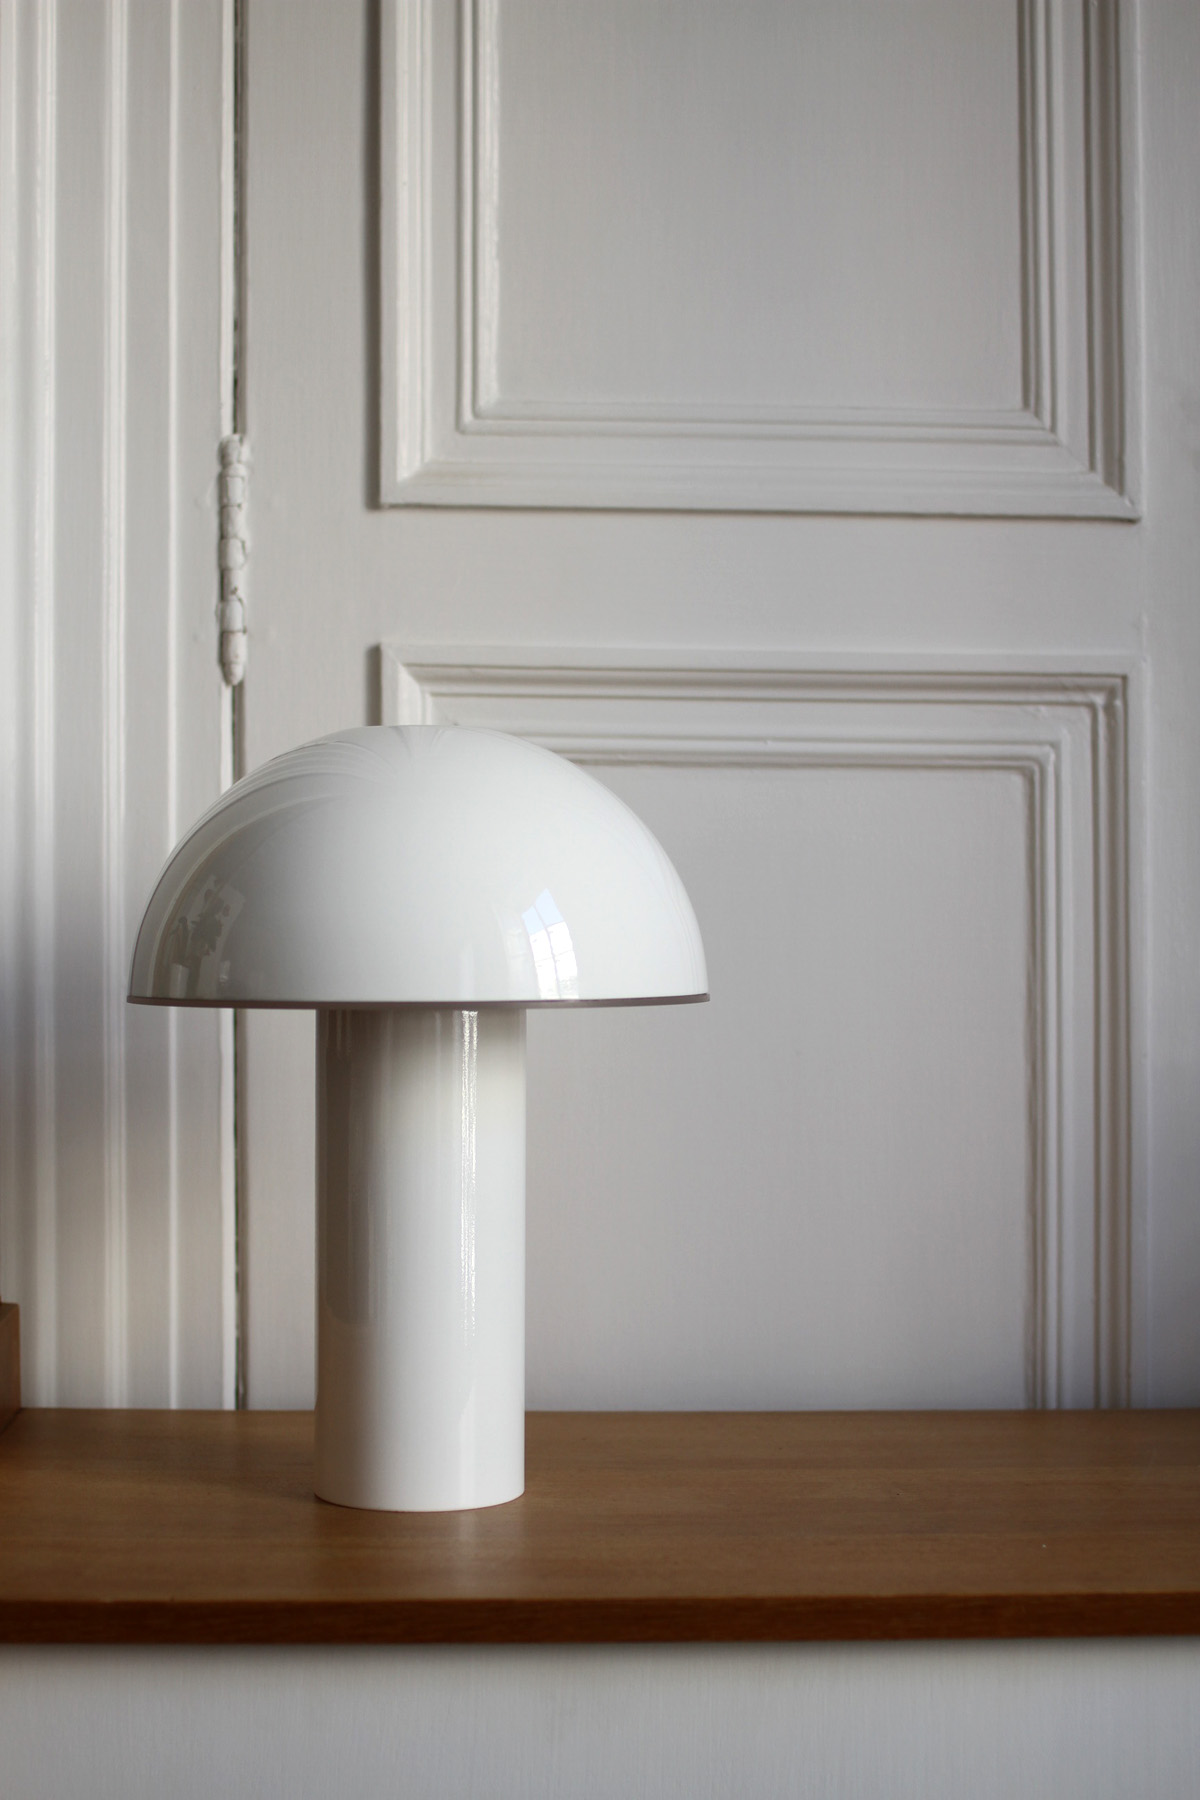 Cul de poule - lampe a poser - Objet - luminaire - bol - metal - couleur BLANC - design sur-mesure - Agence MAJOTIK